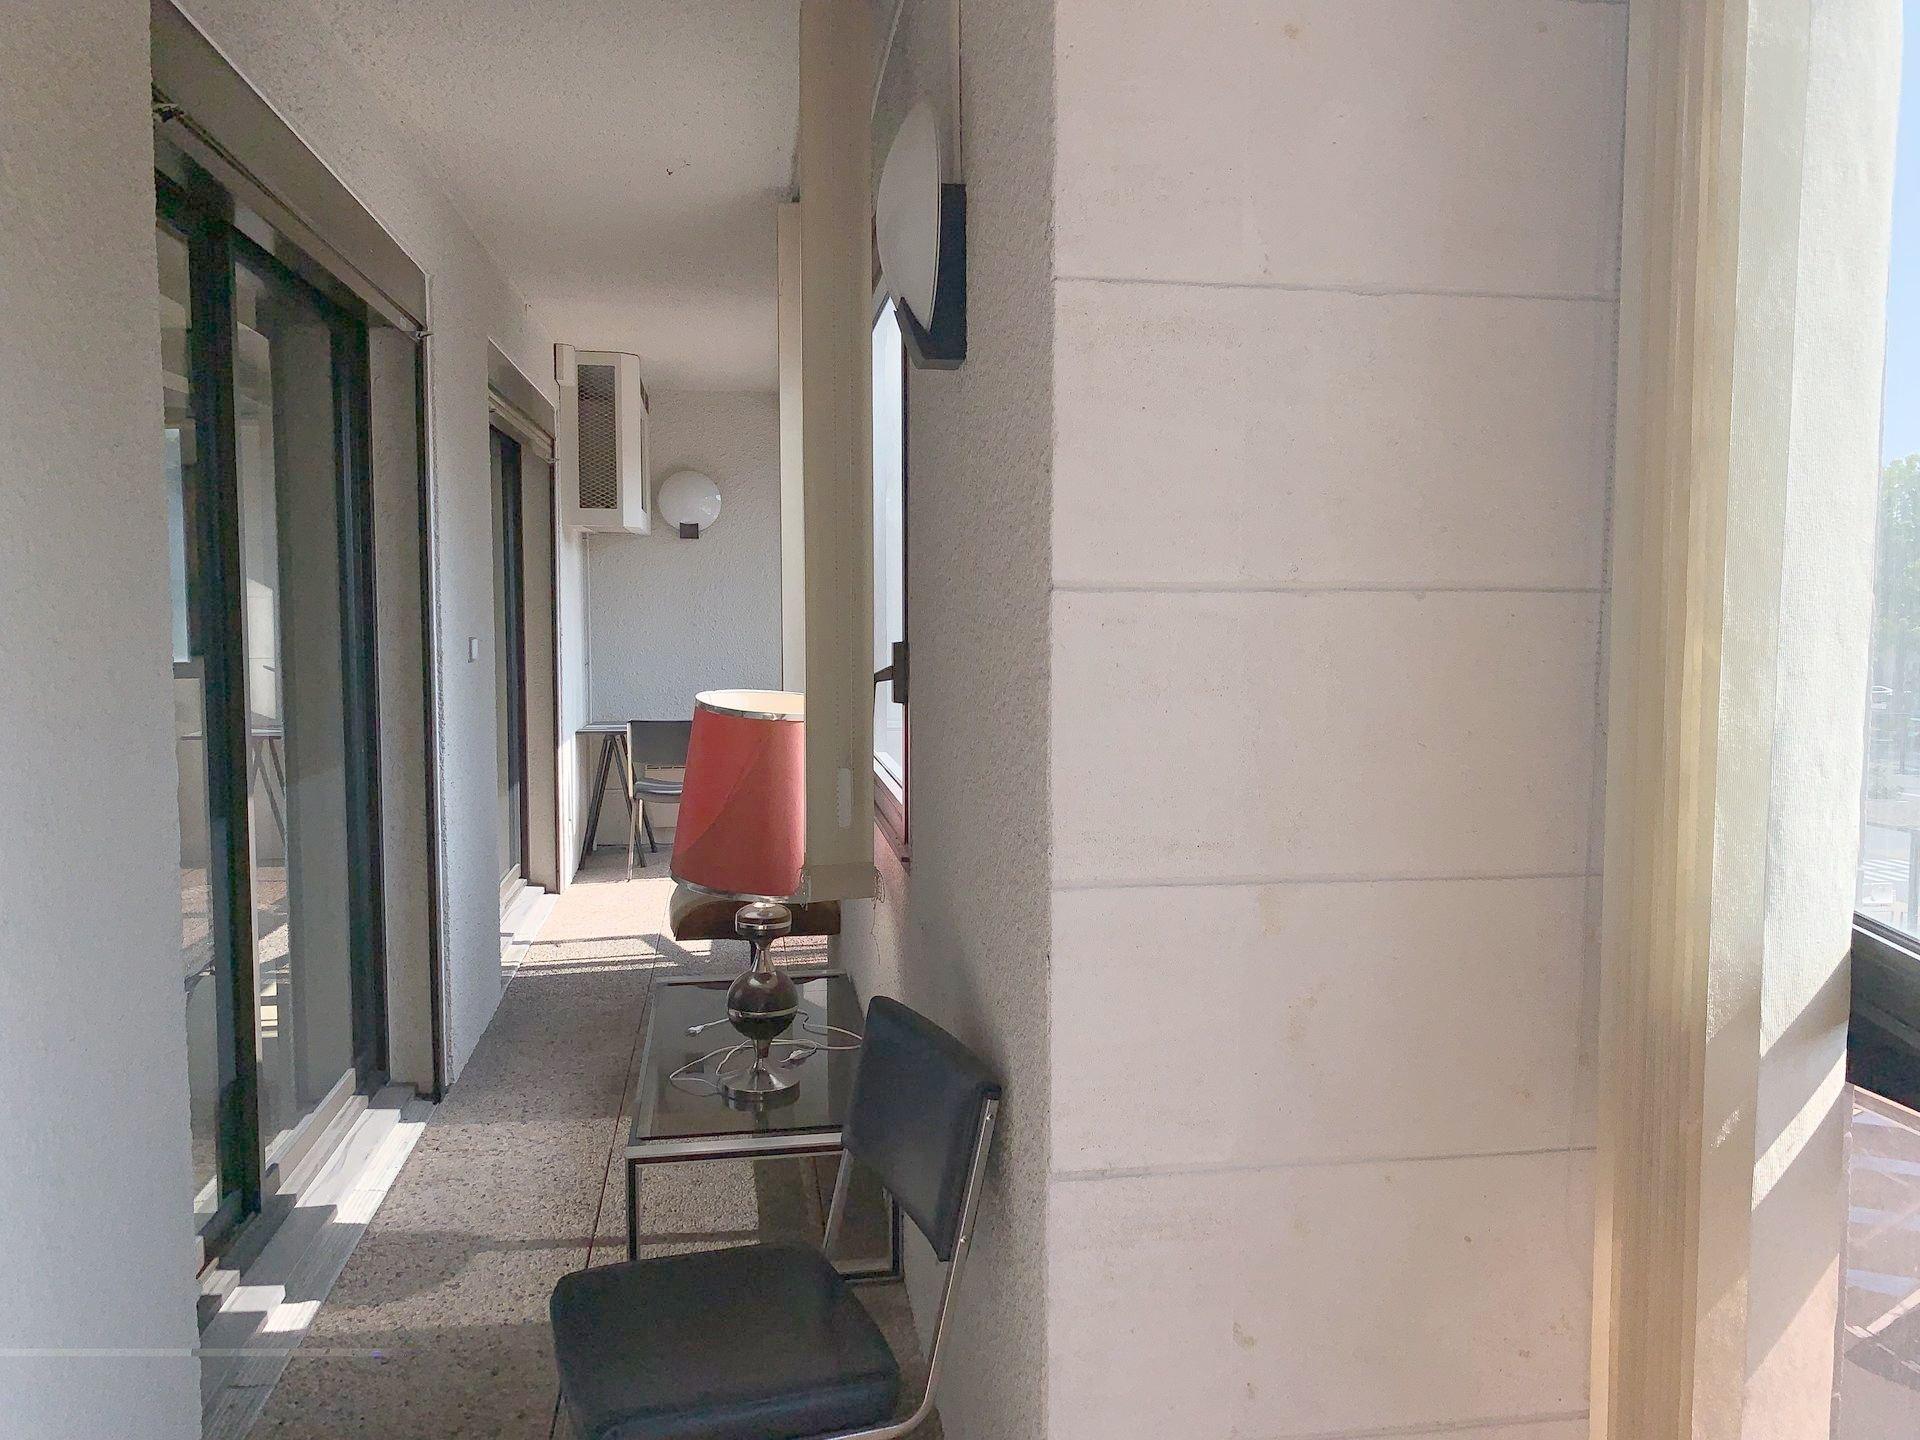 Appartement T2 1er étage avec ascenseur, hyper centre